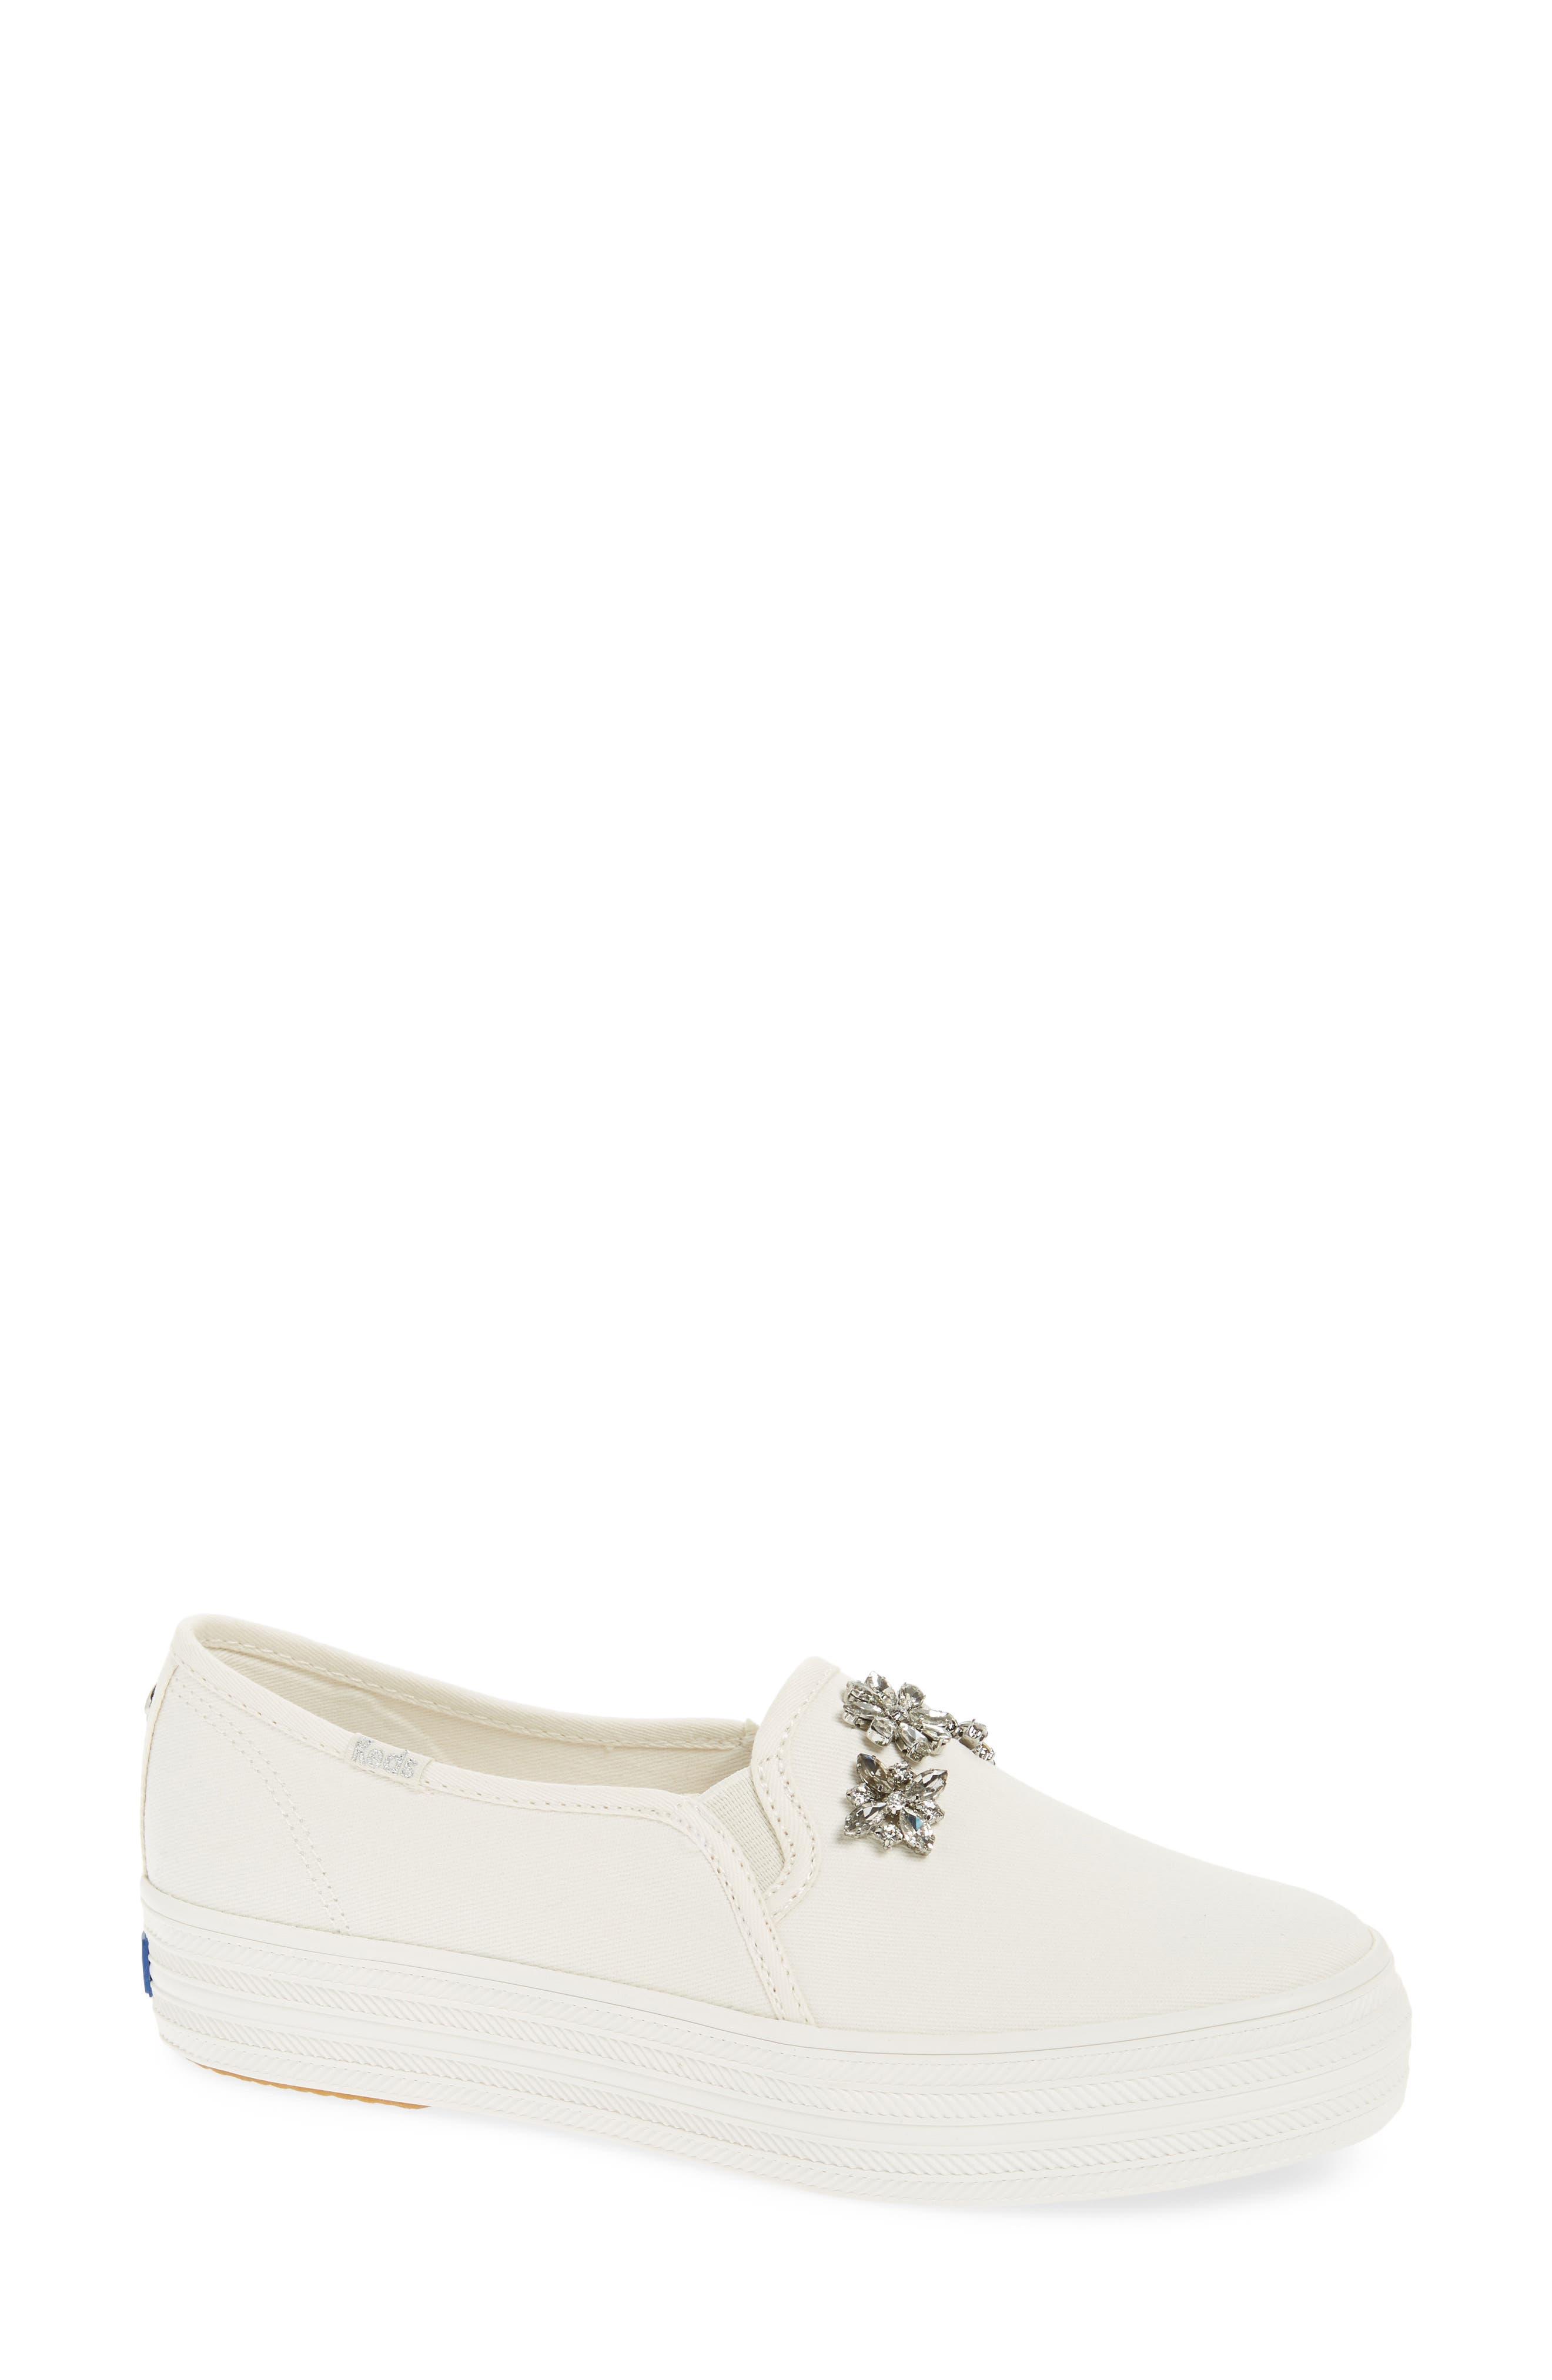 Alternate Image 1 Selected - Keds® for kate spade new york triple decker stones slip-on sneaker (Women)